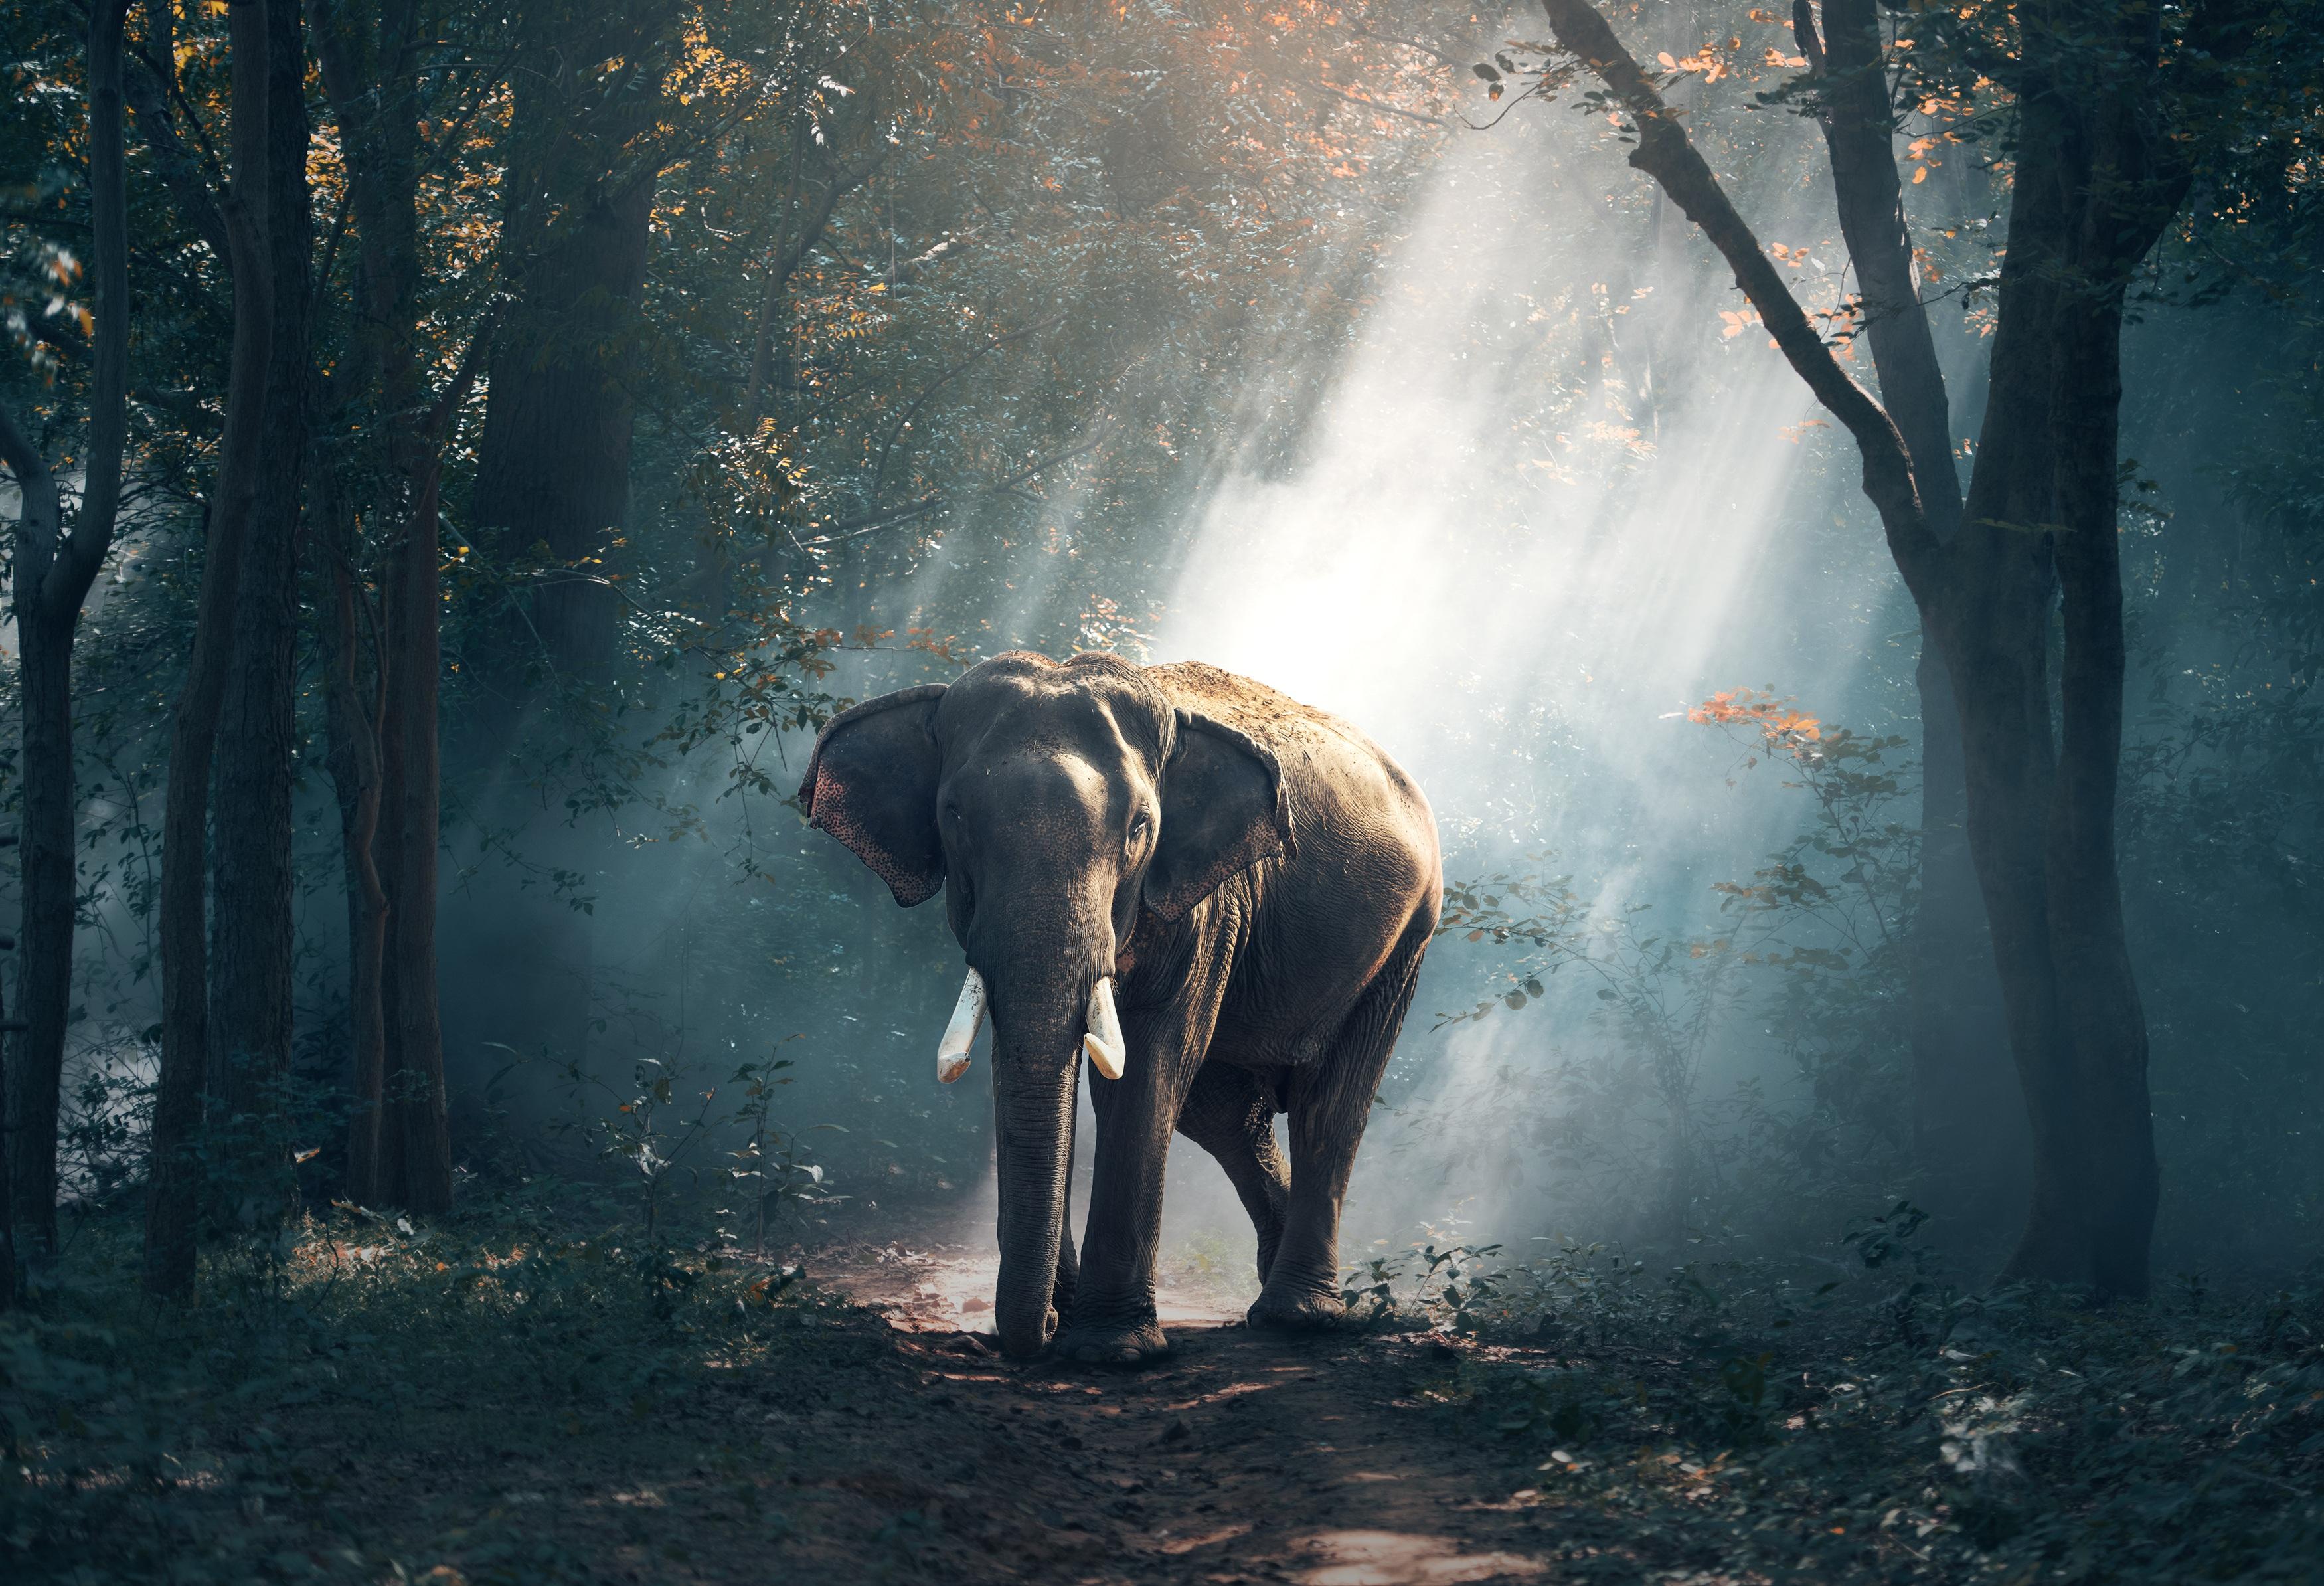 109832 télécharger le fond d'écran Animaux, Arbres, Forêt, Ombre, Lumière Du Soleil, L'éléphant, Éléphant - économiseurs d'écran et images gratuitement